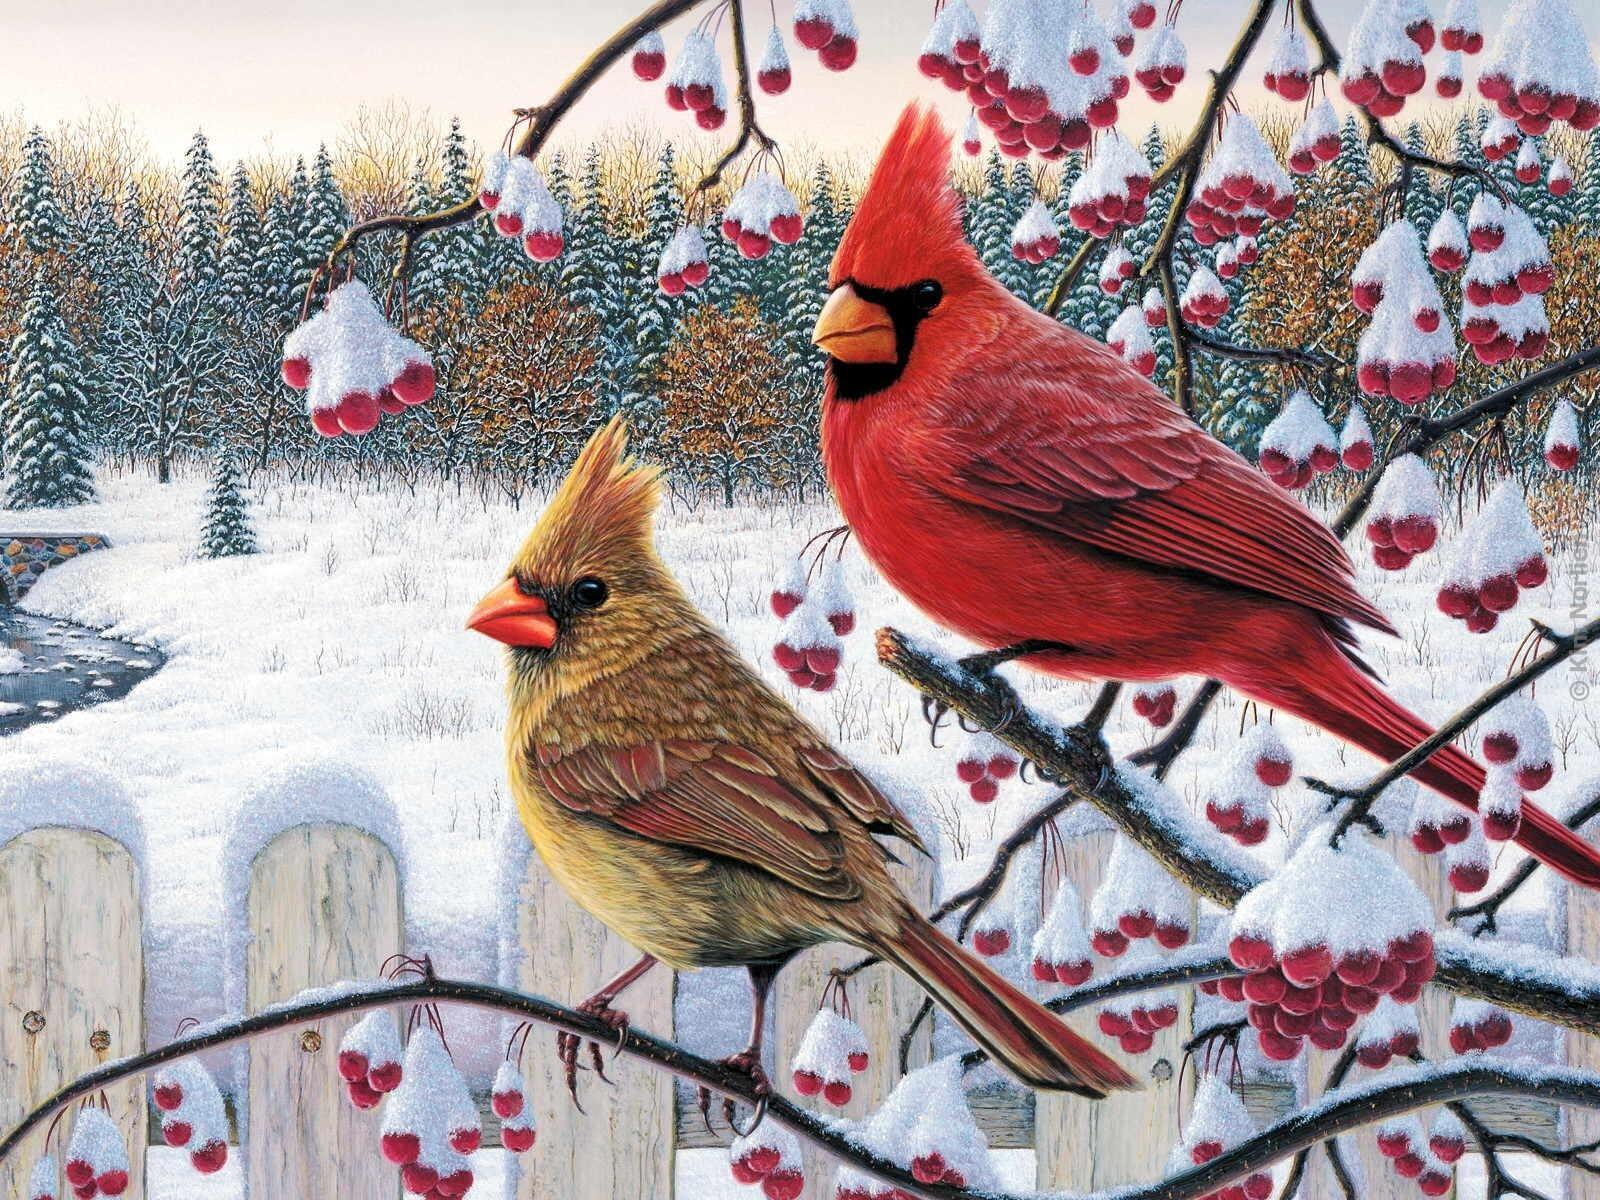 cardinalscardinal birdflying cardinalsweet cardinalsred cardinal 1600x1200